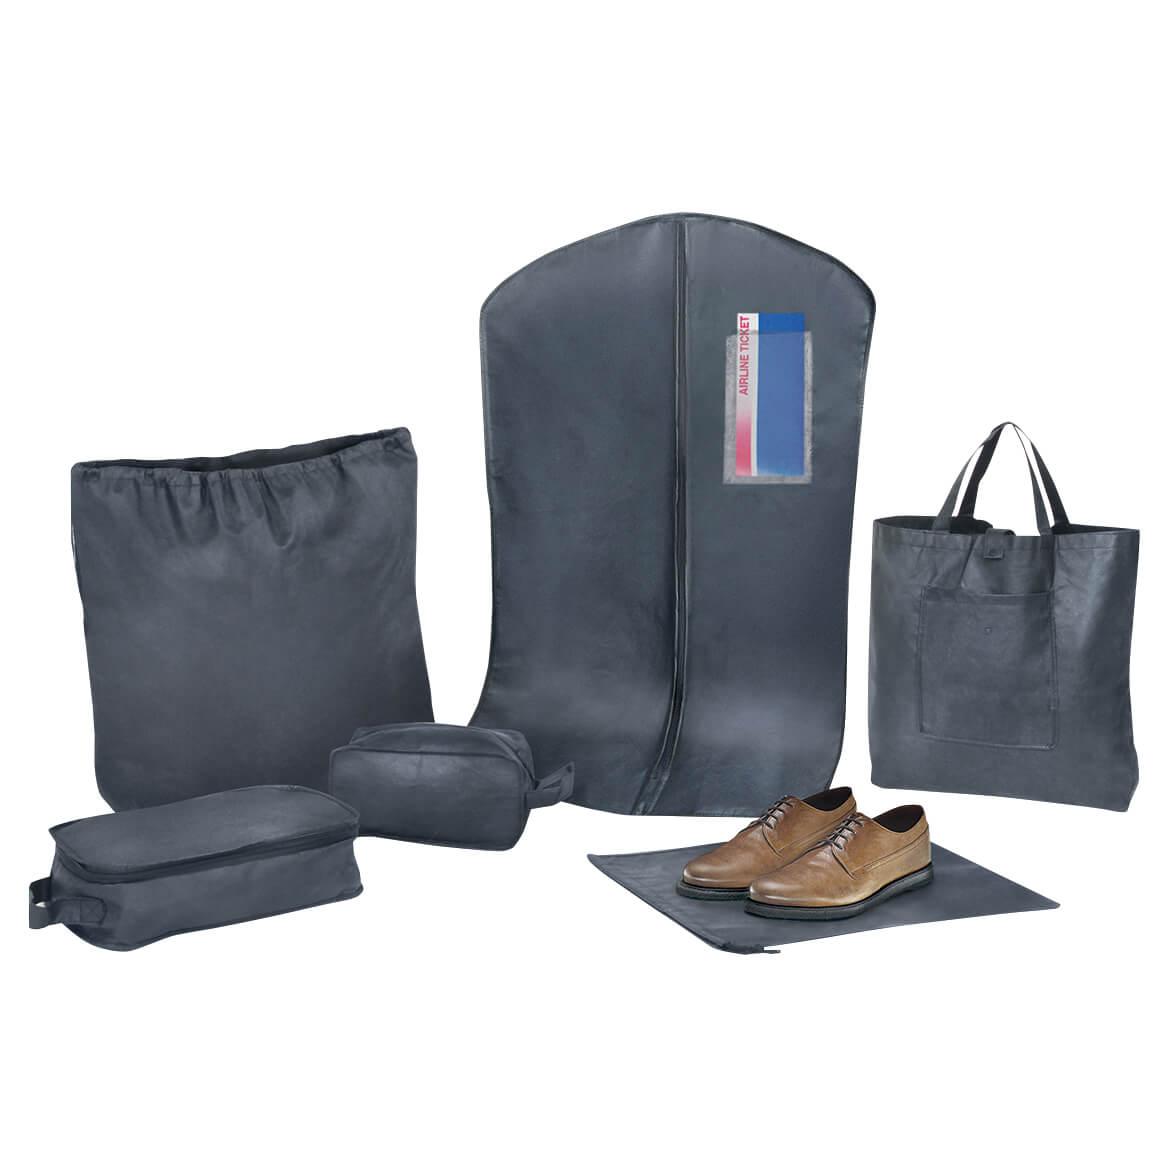 6 in 1 Travel Bag Set-369784